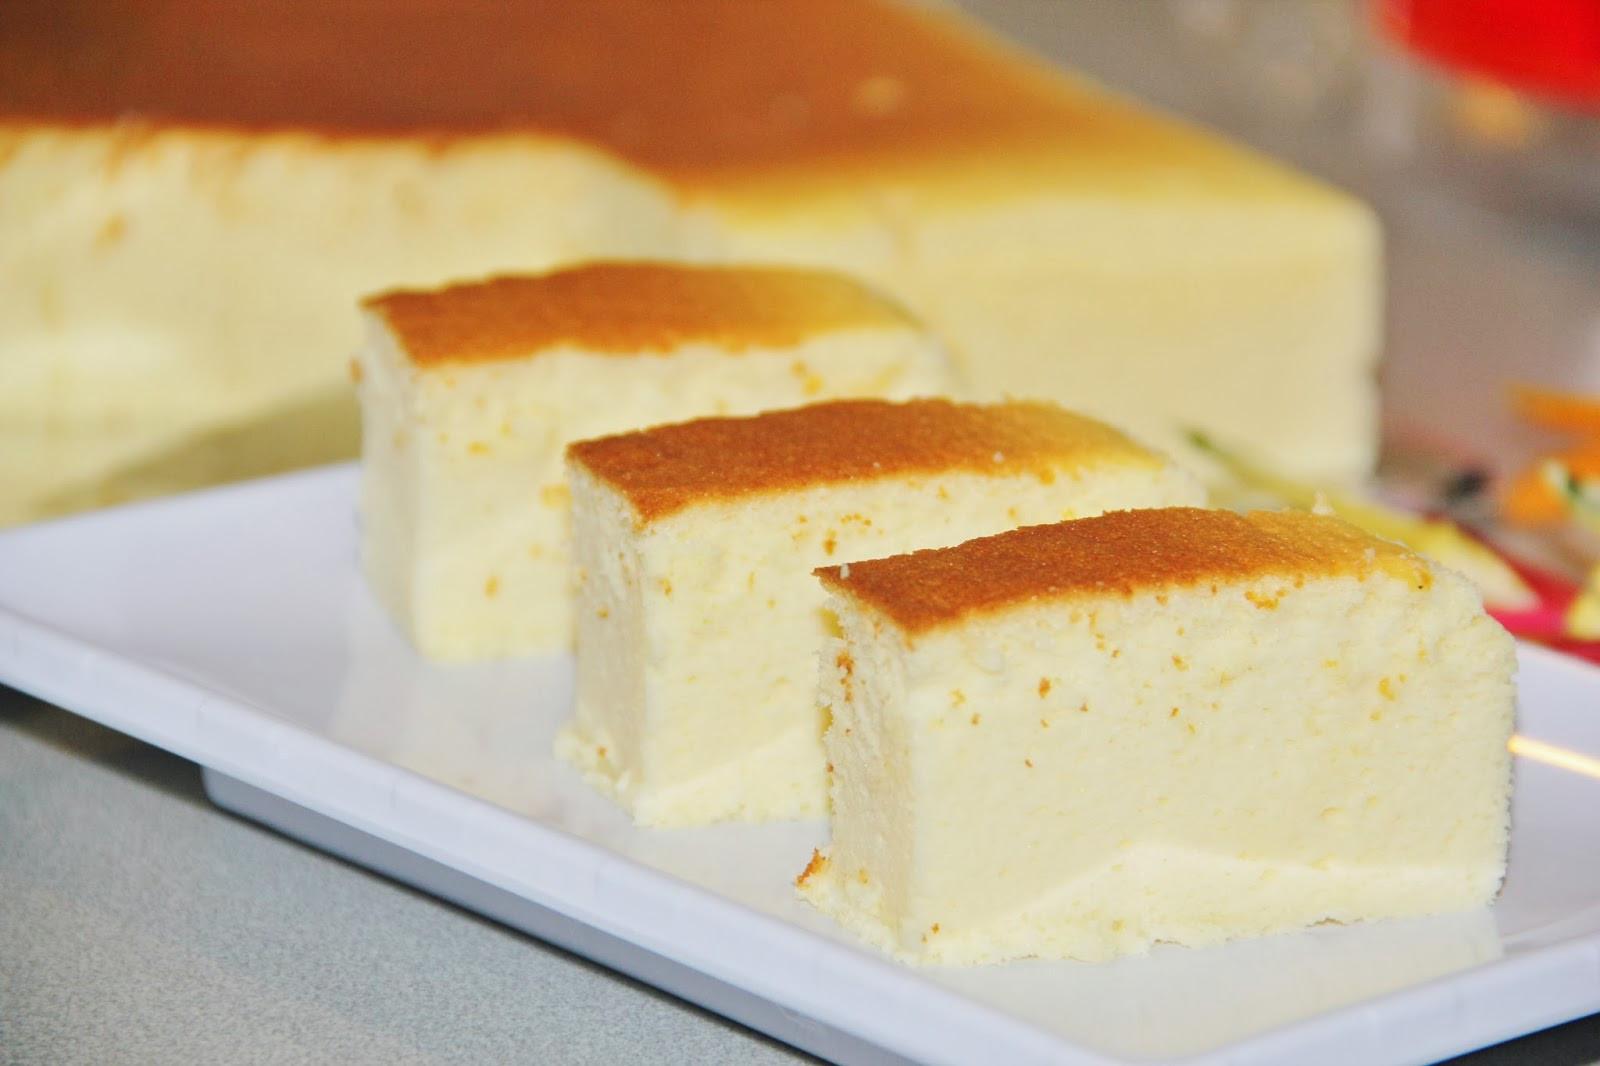 Japanese Cotton Cheesecake Recipe  Jess KITCHEN Lab Japanese Cotton Cheesecake II